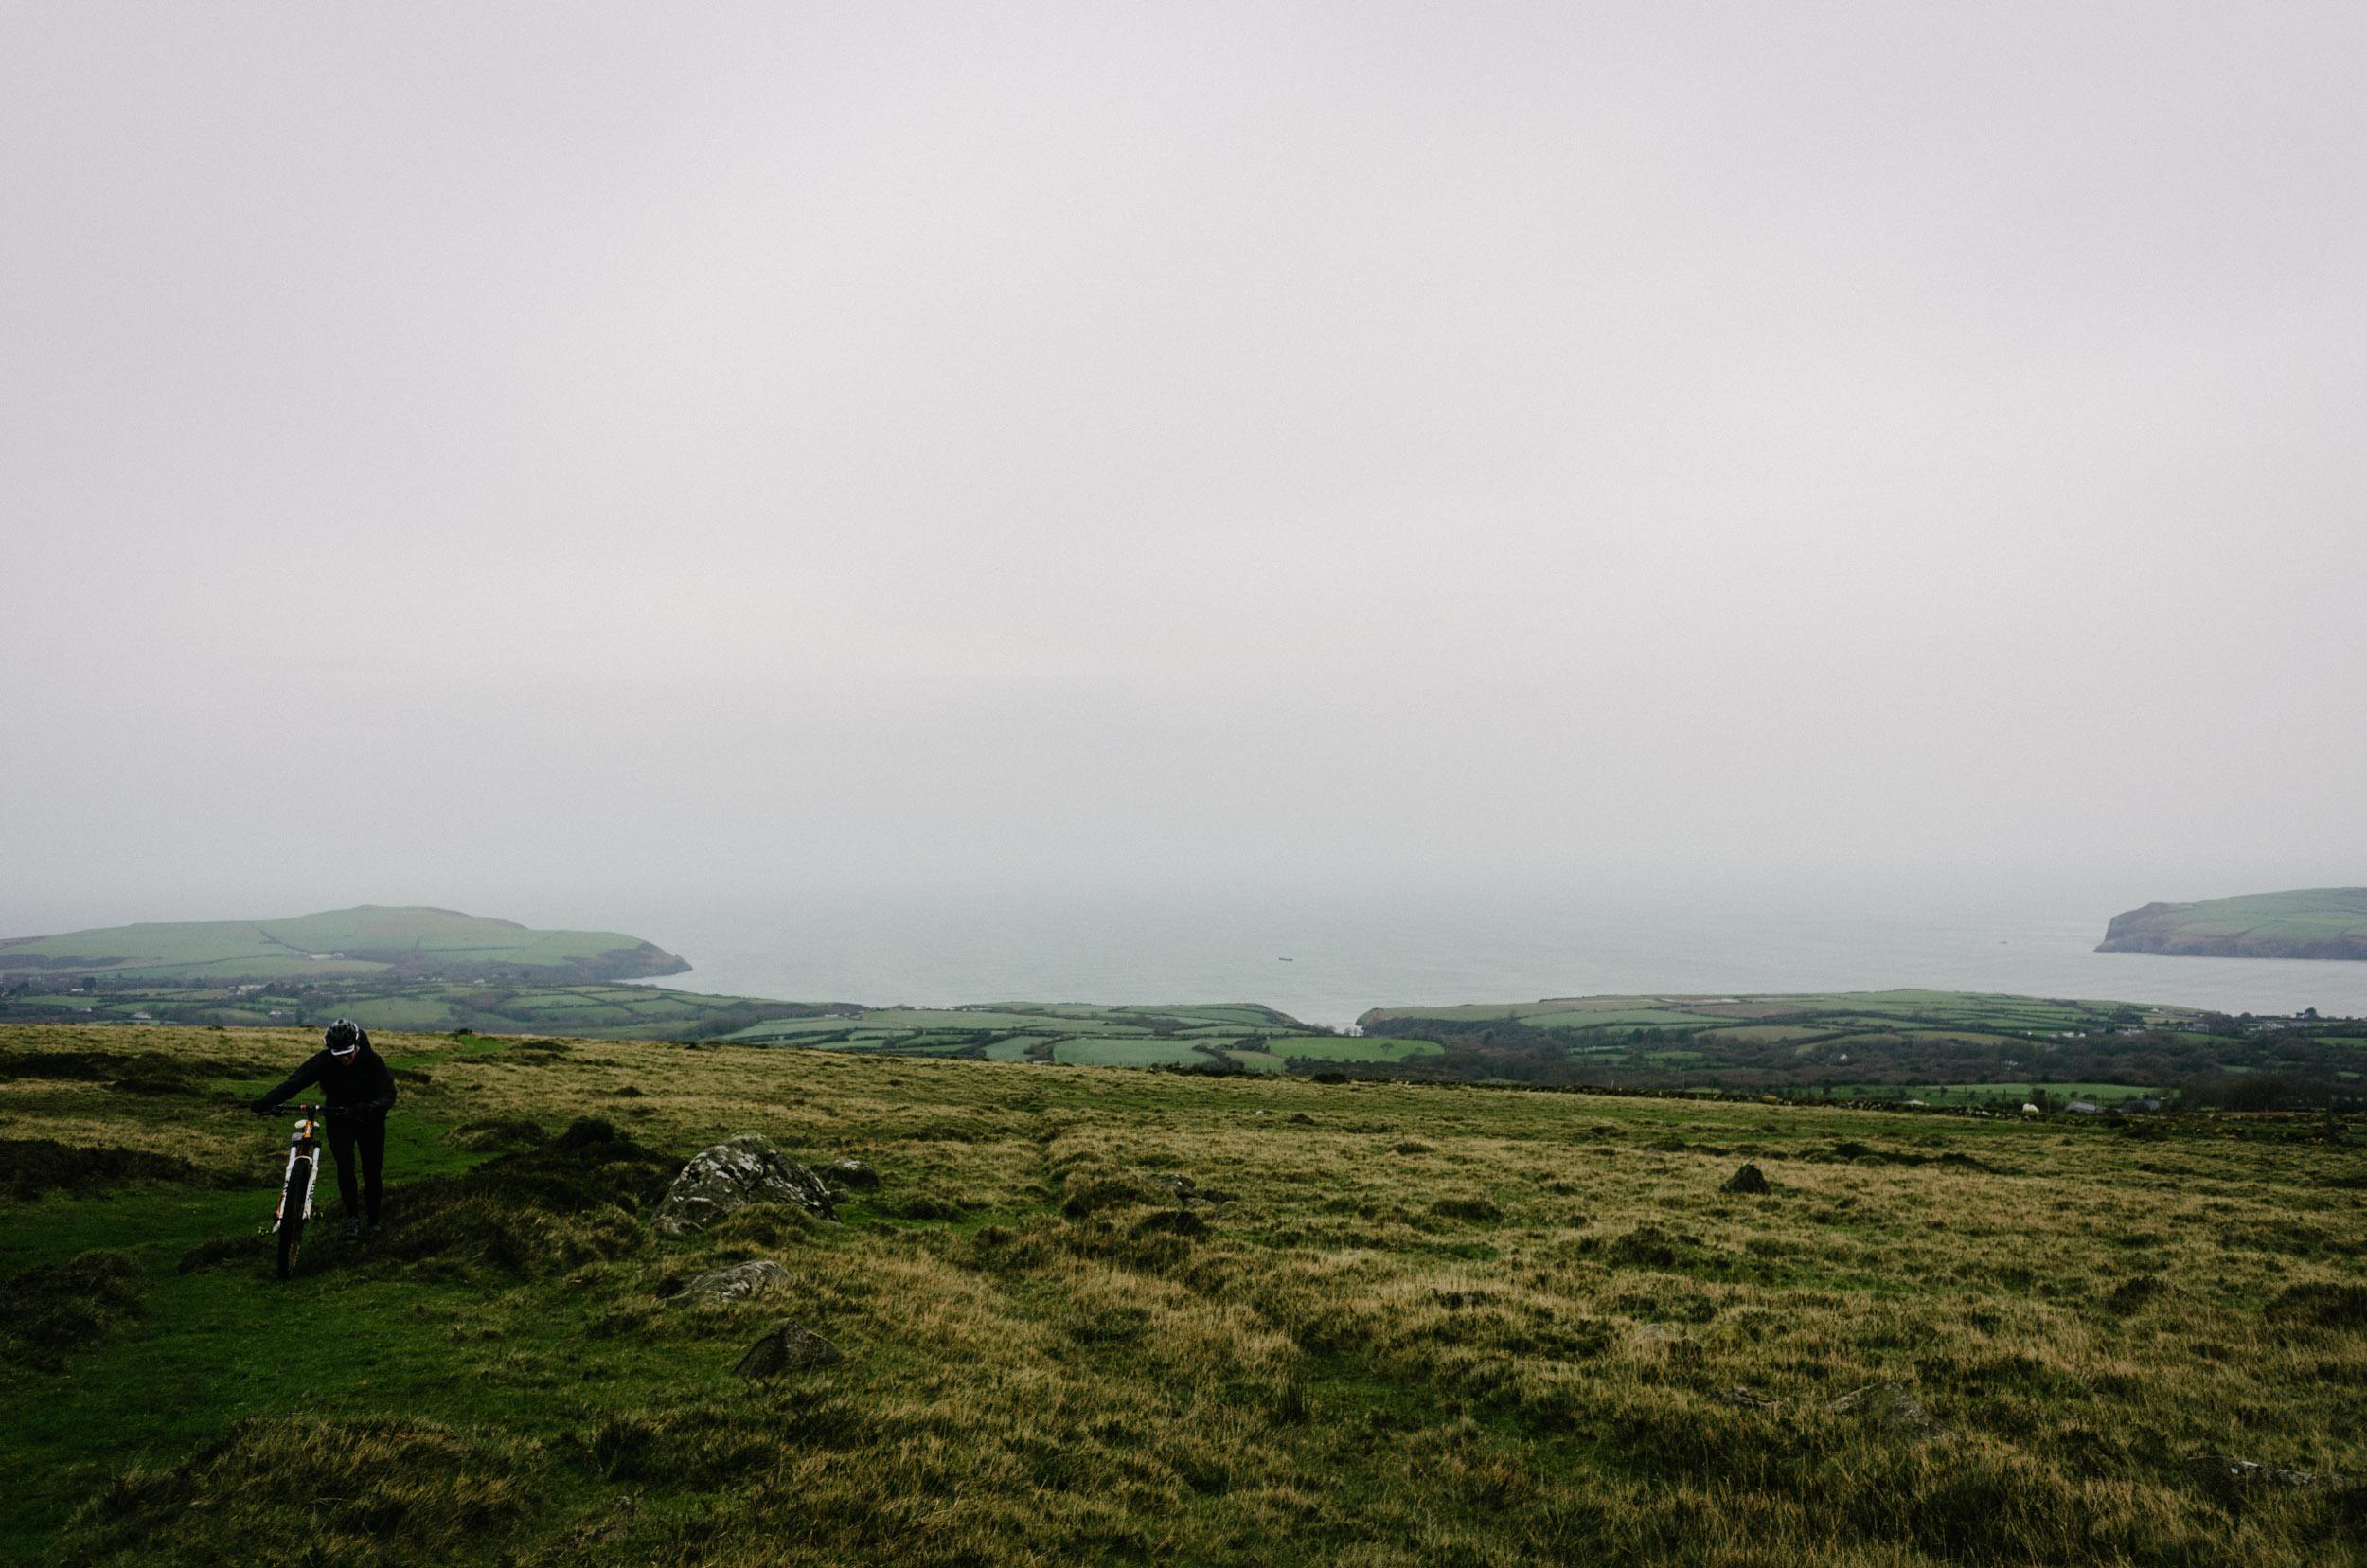 Mountain Biking in Wales-1020.jpg